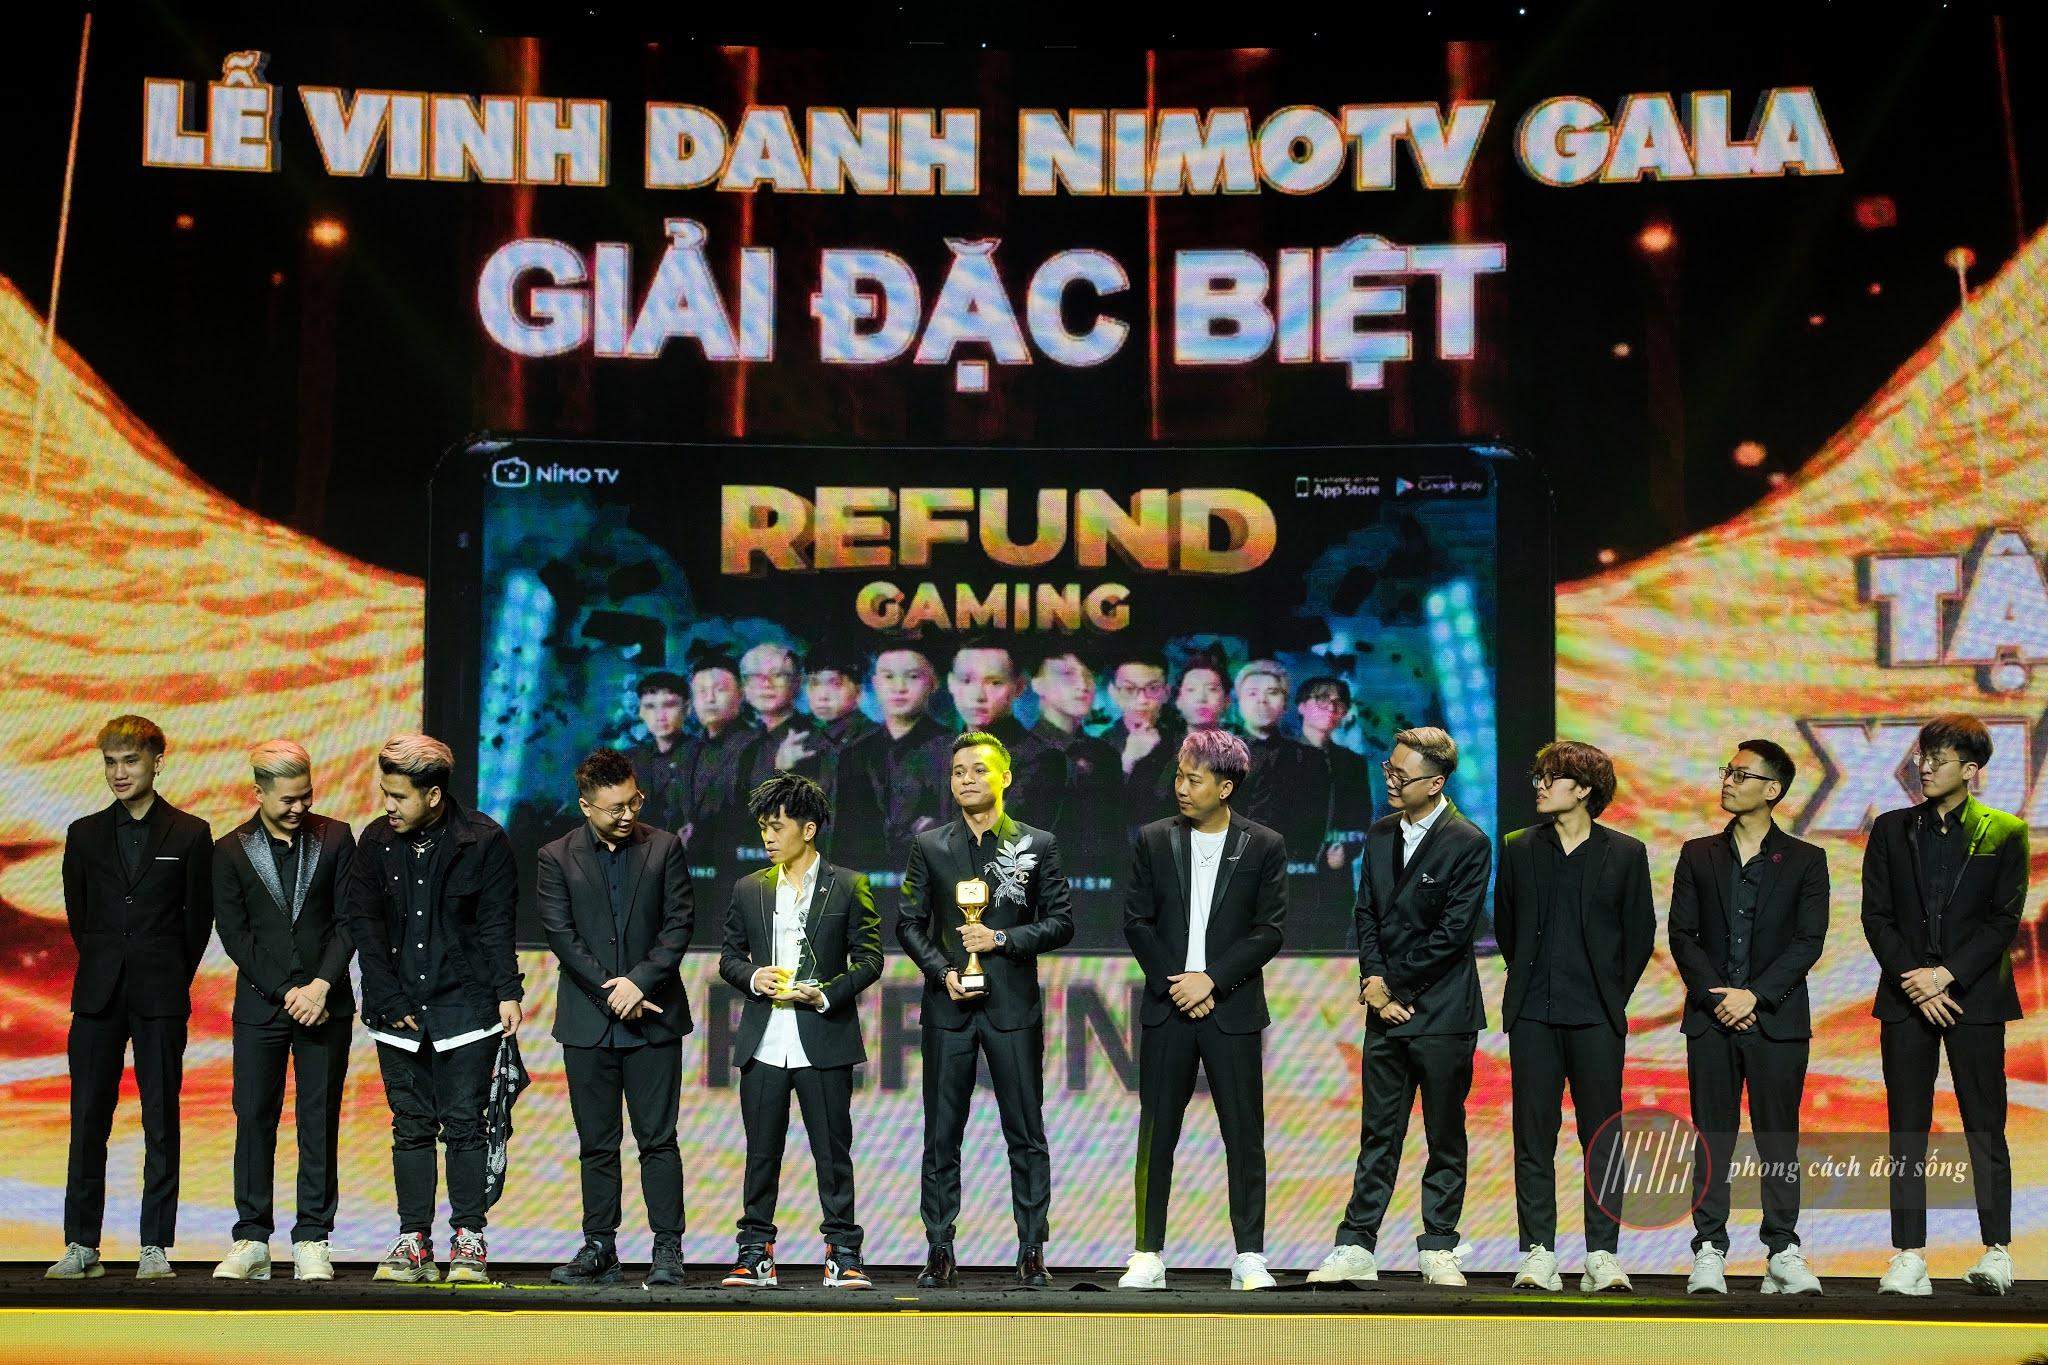 Nimo TV Gala